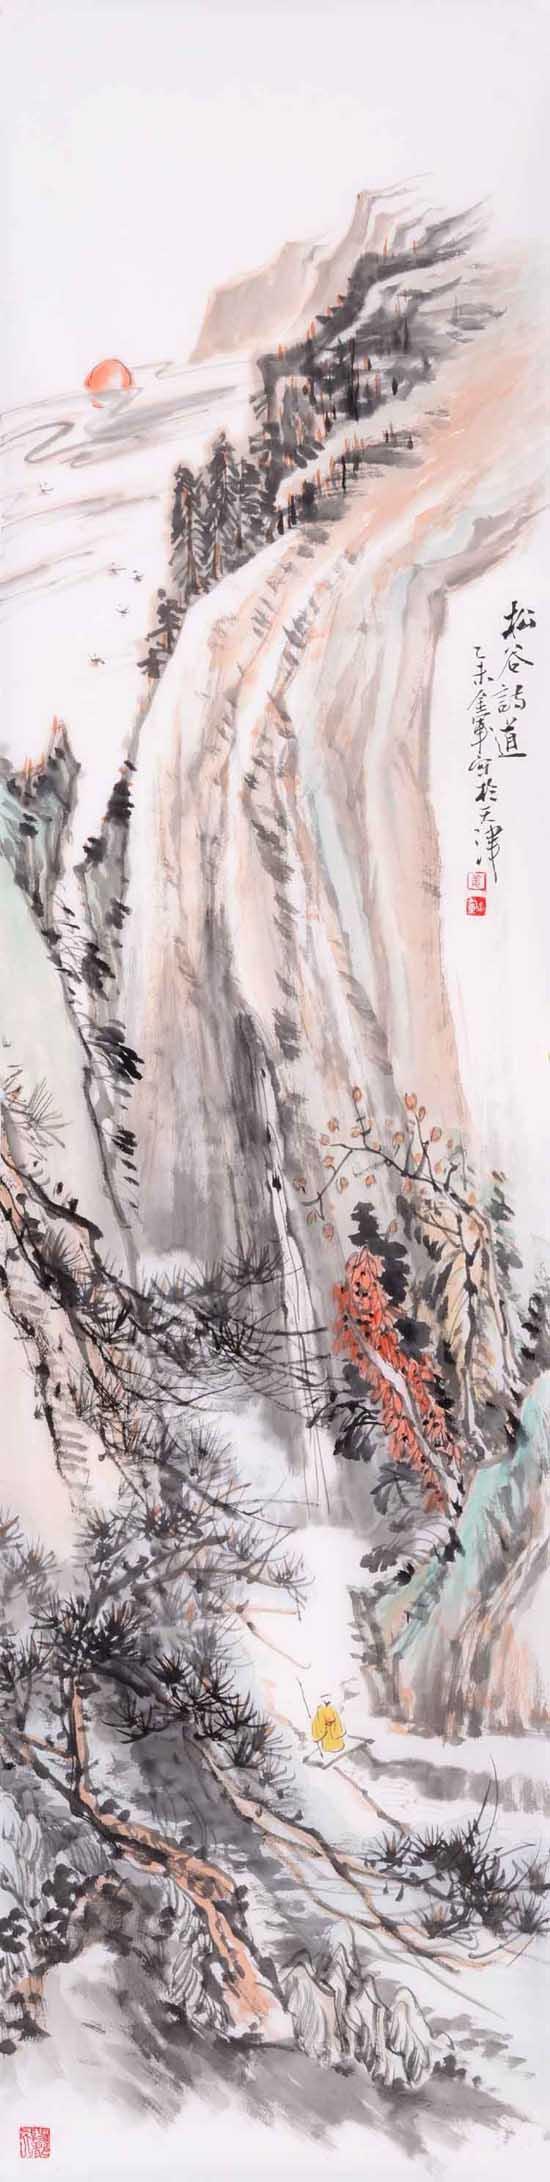 姜金军2015 松谷诗道30×120cm